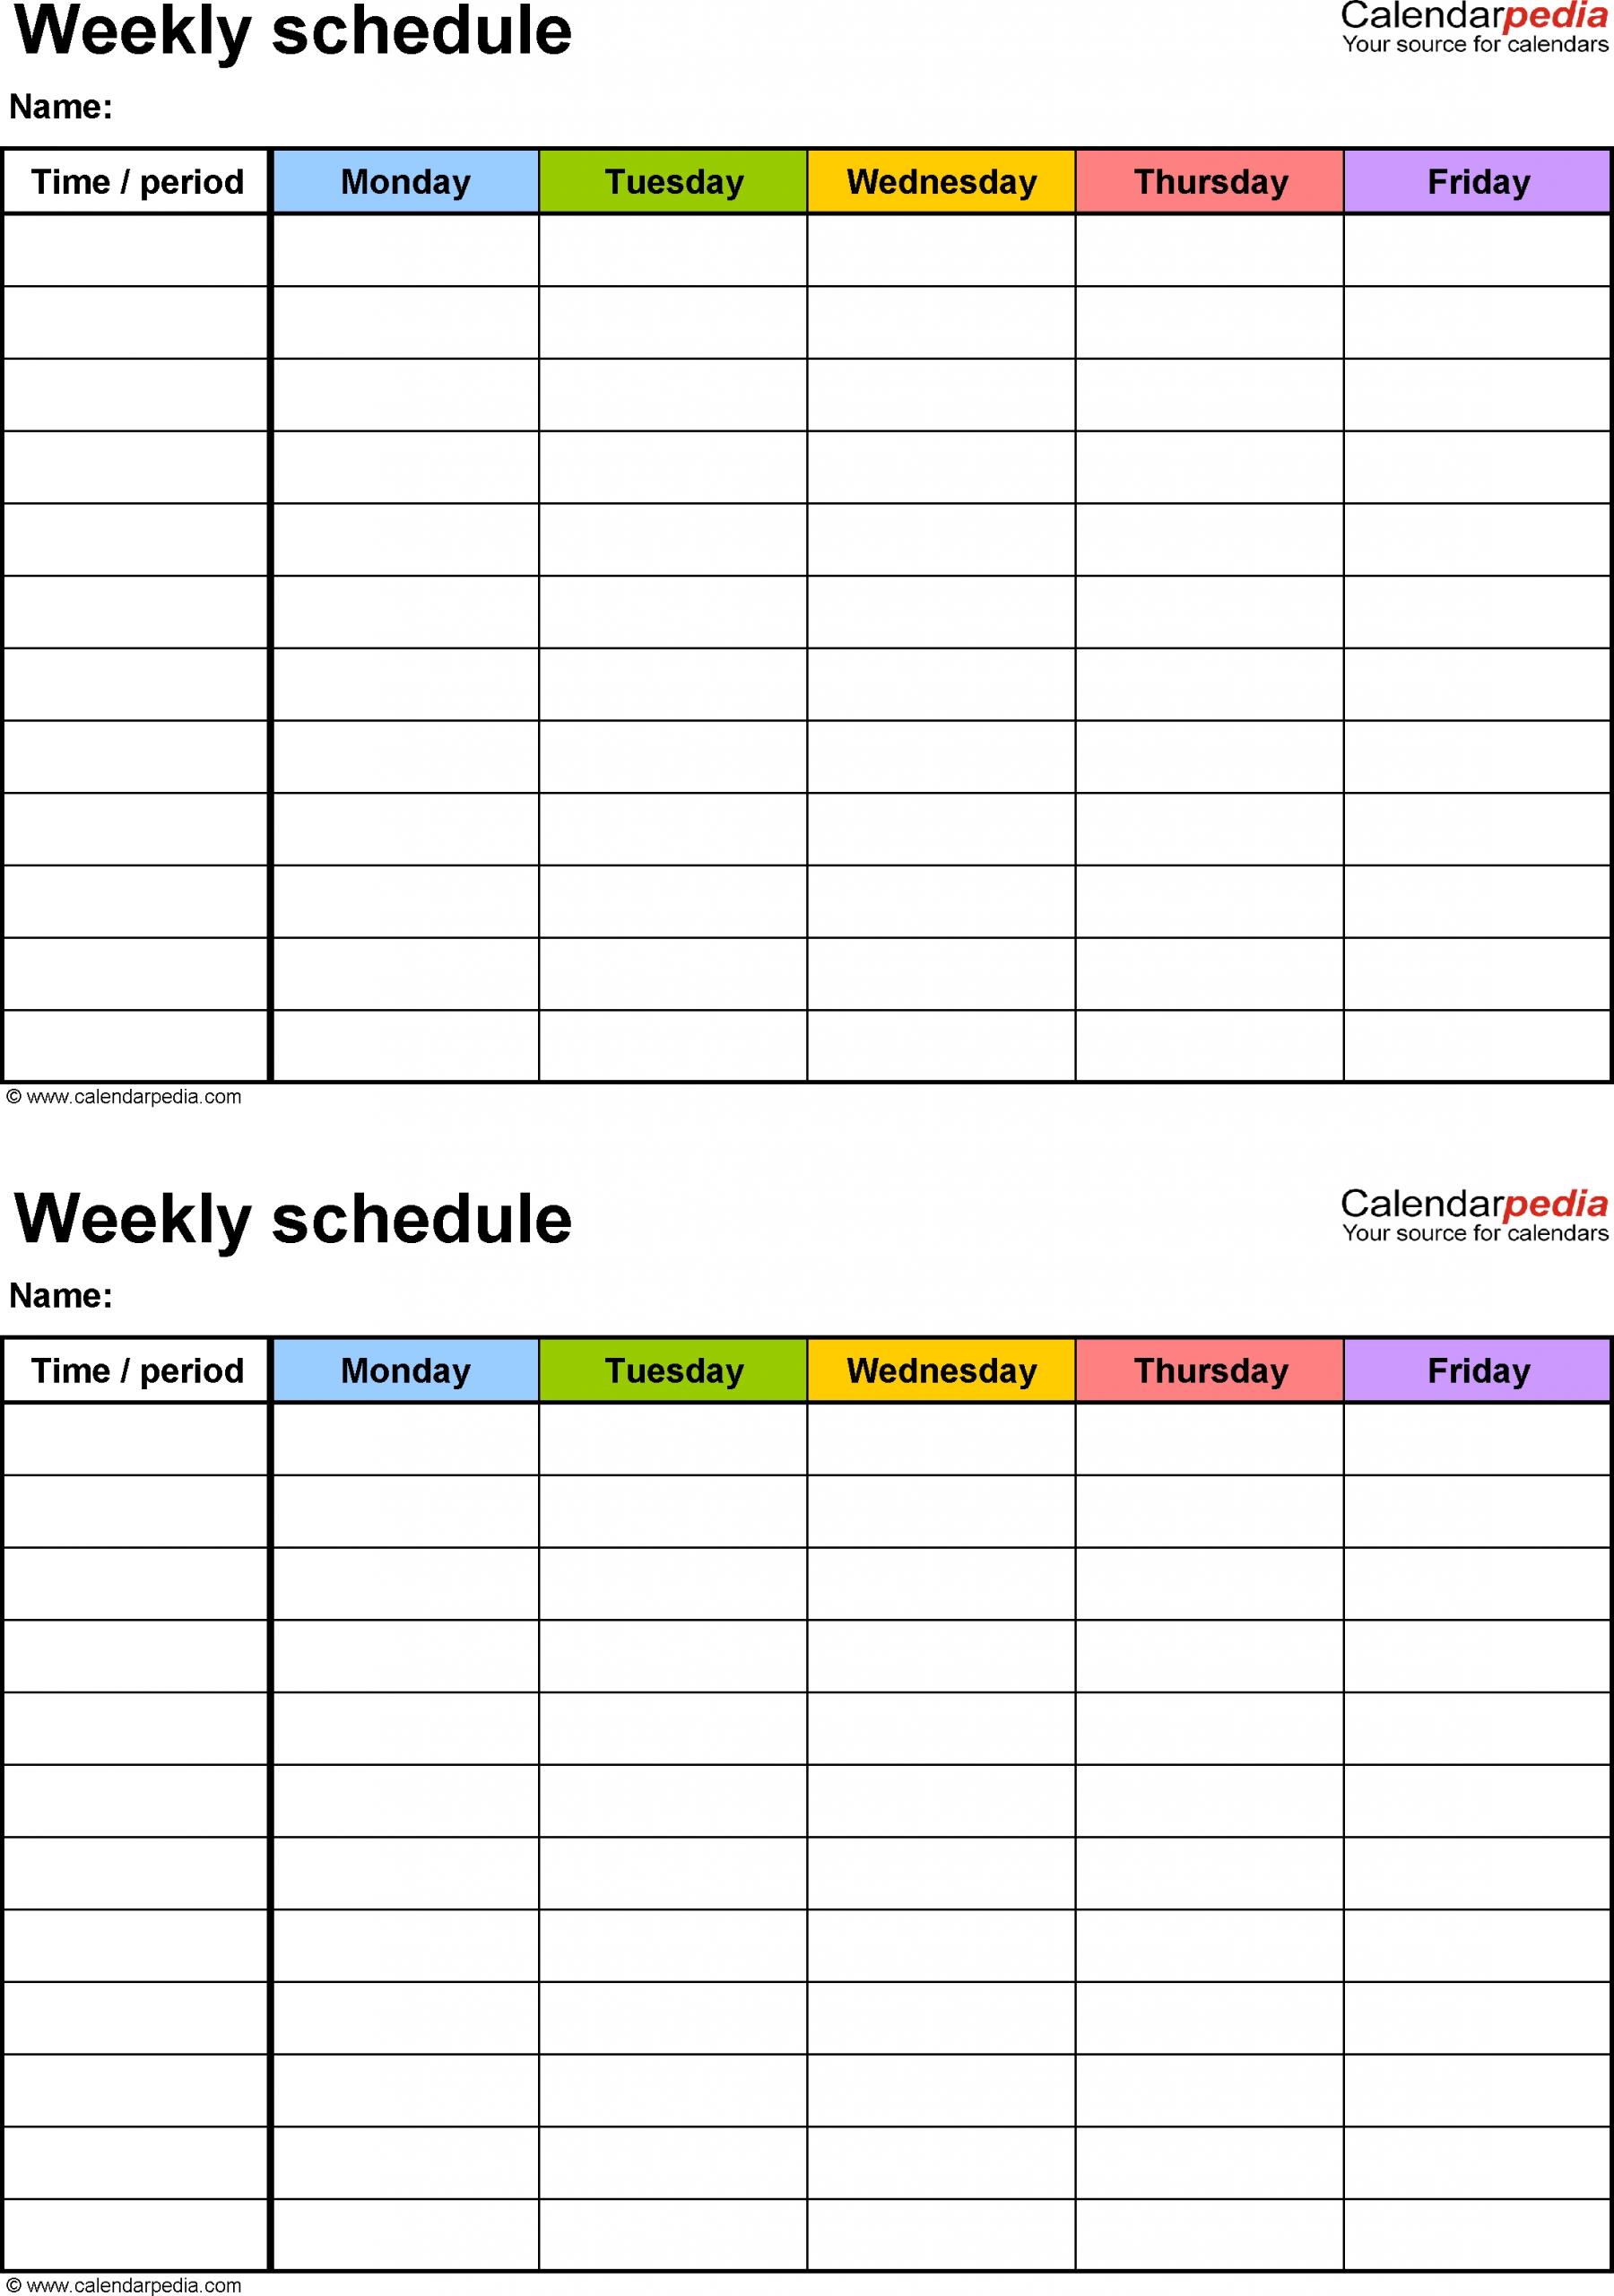 Printable 2 Week Blank Calendar Template | Example 2 Weeks Calendar Printable